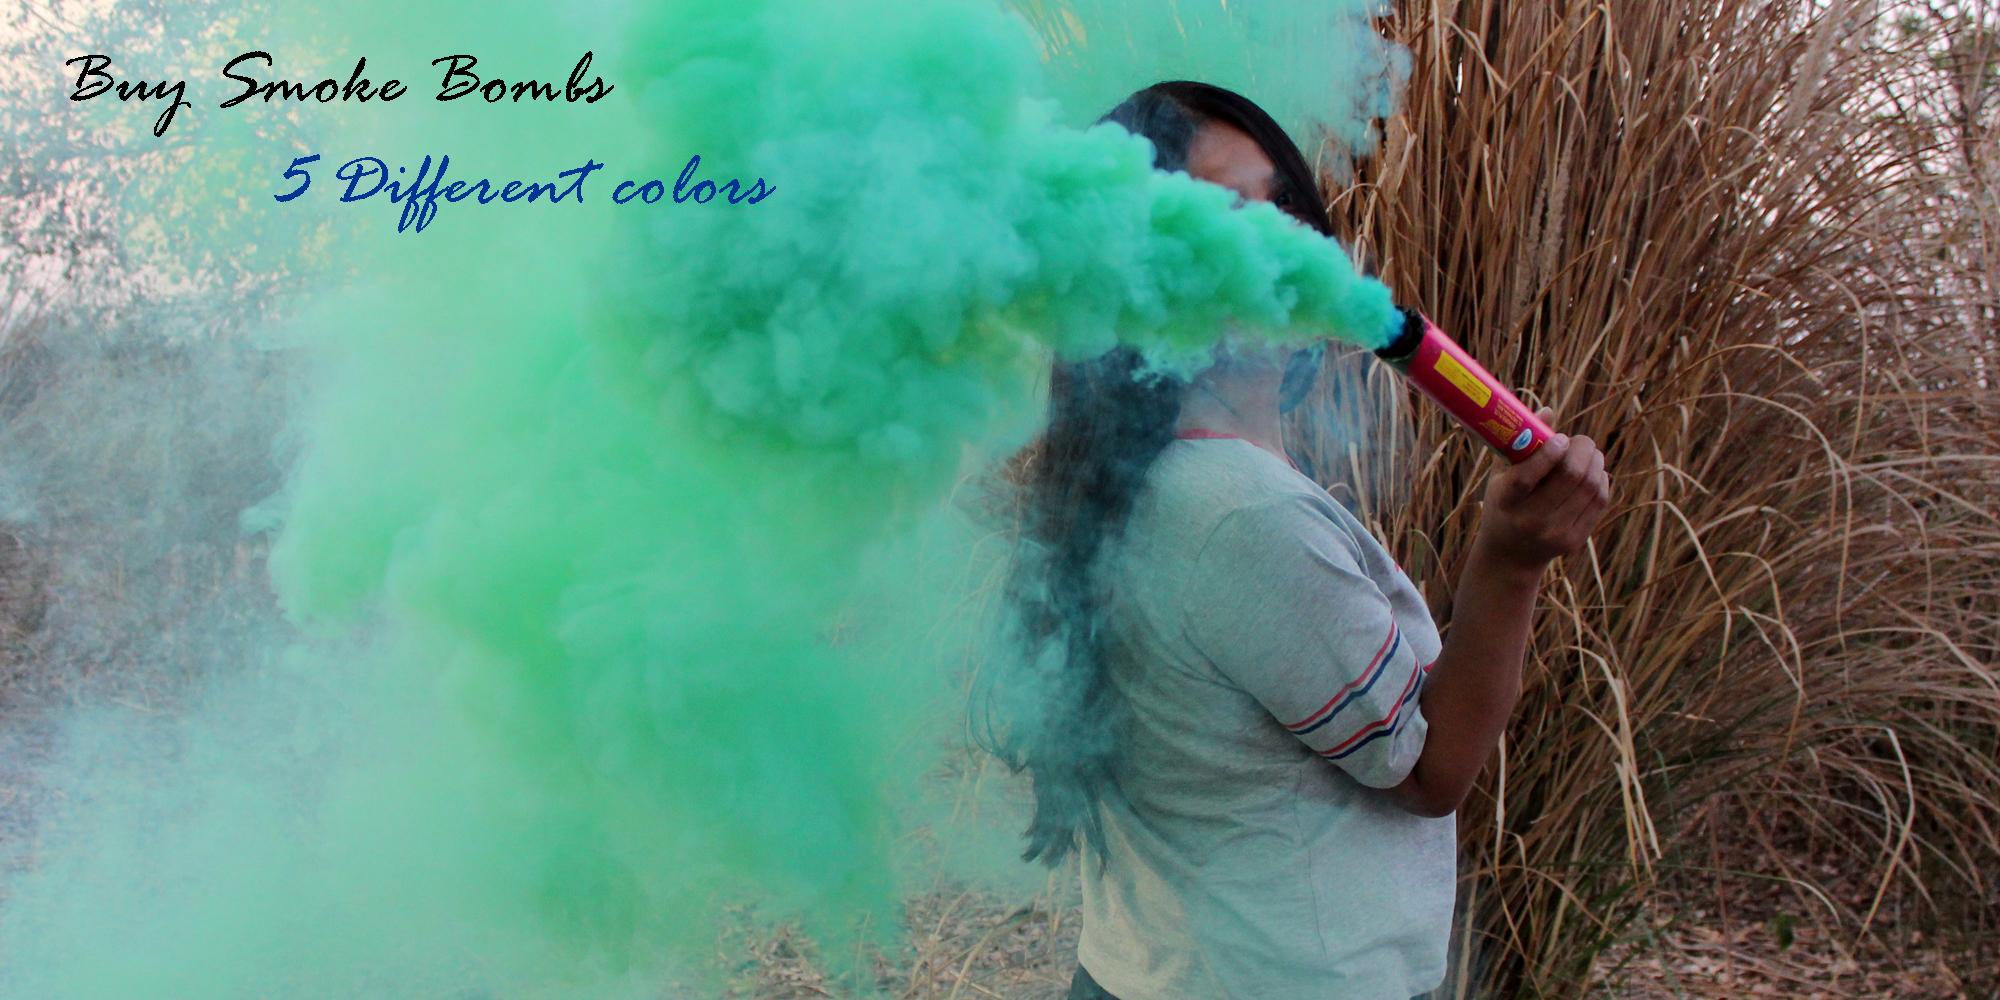 Smoke stick photo